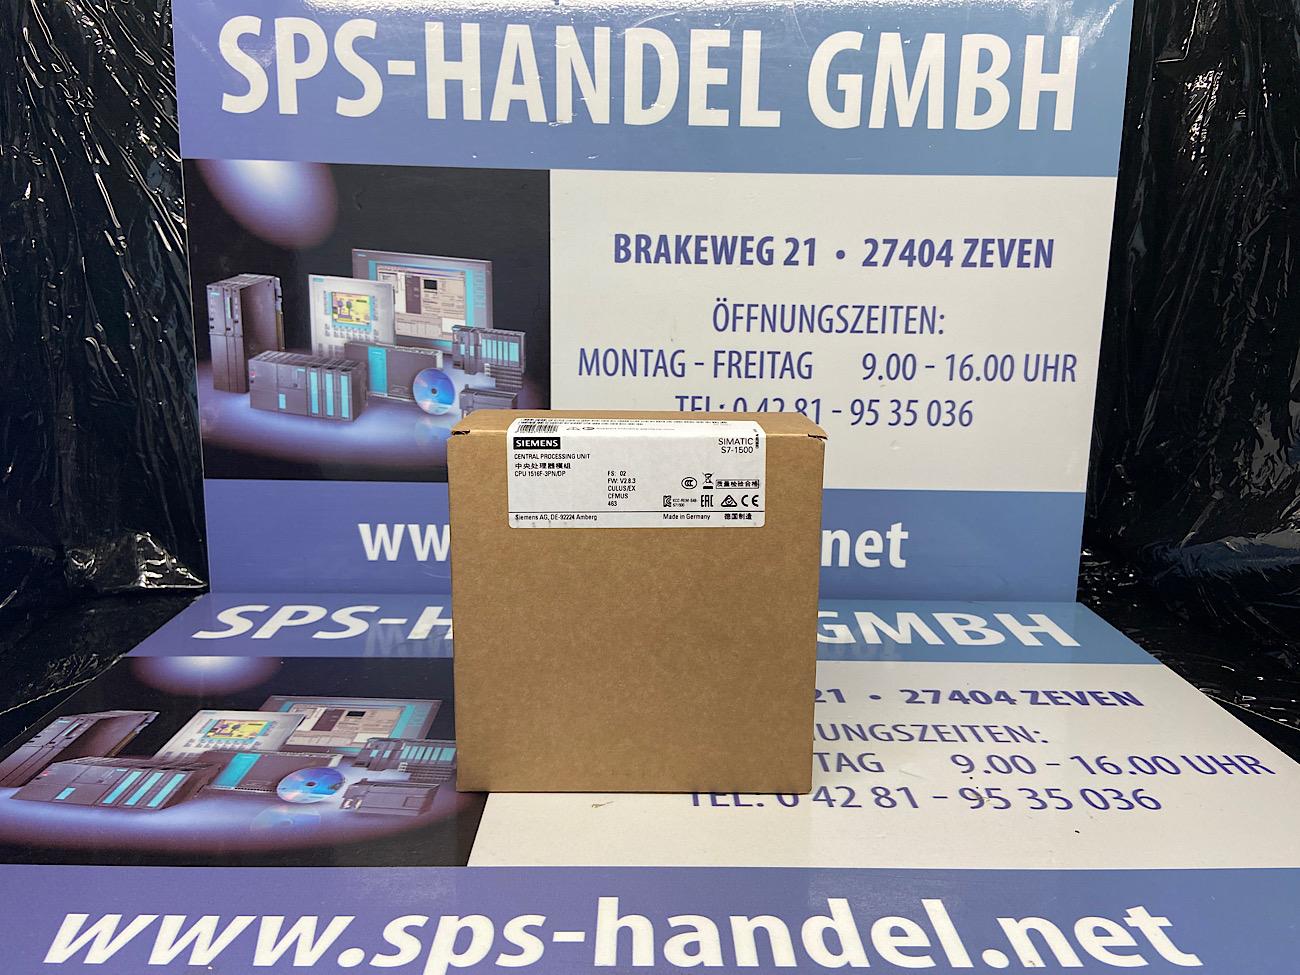 6ES7516-3FN02-0AB0 | S7-1500F | CPU 1516F-3 PN/DP | Neu Siegel 26%